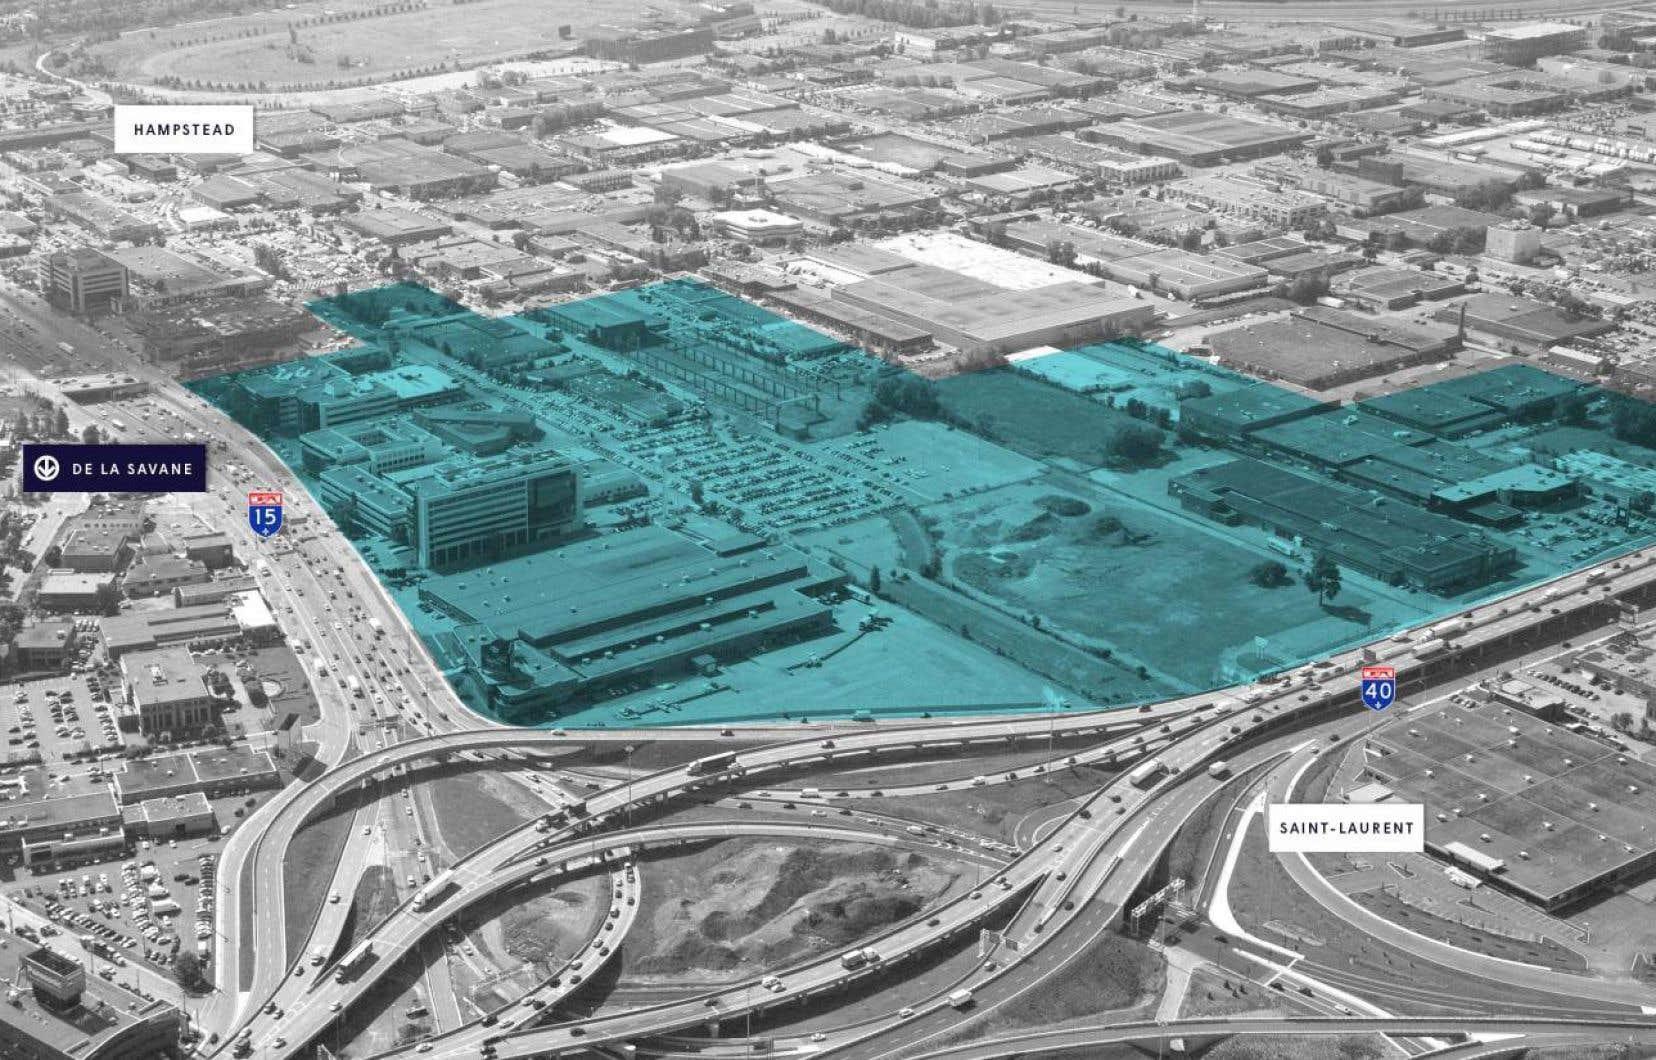 «Sans nouveaux pouvoirs et sans urbanisme commercial, les nouveaux développements commerciaux continueront à se développer comme le Royalmount», affirme l'auteur.